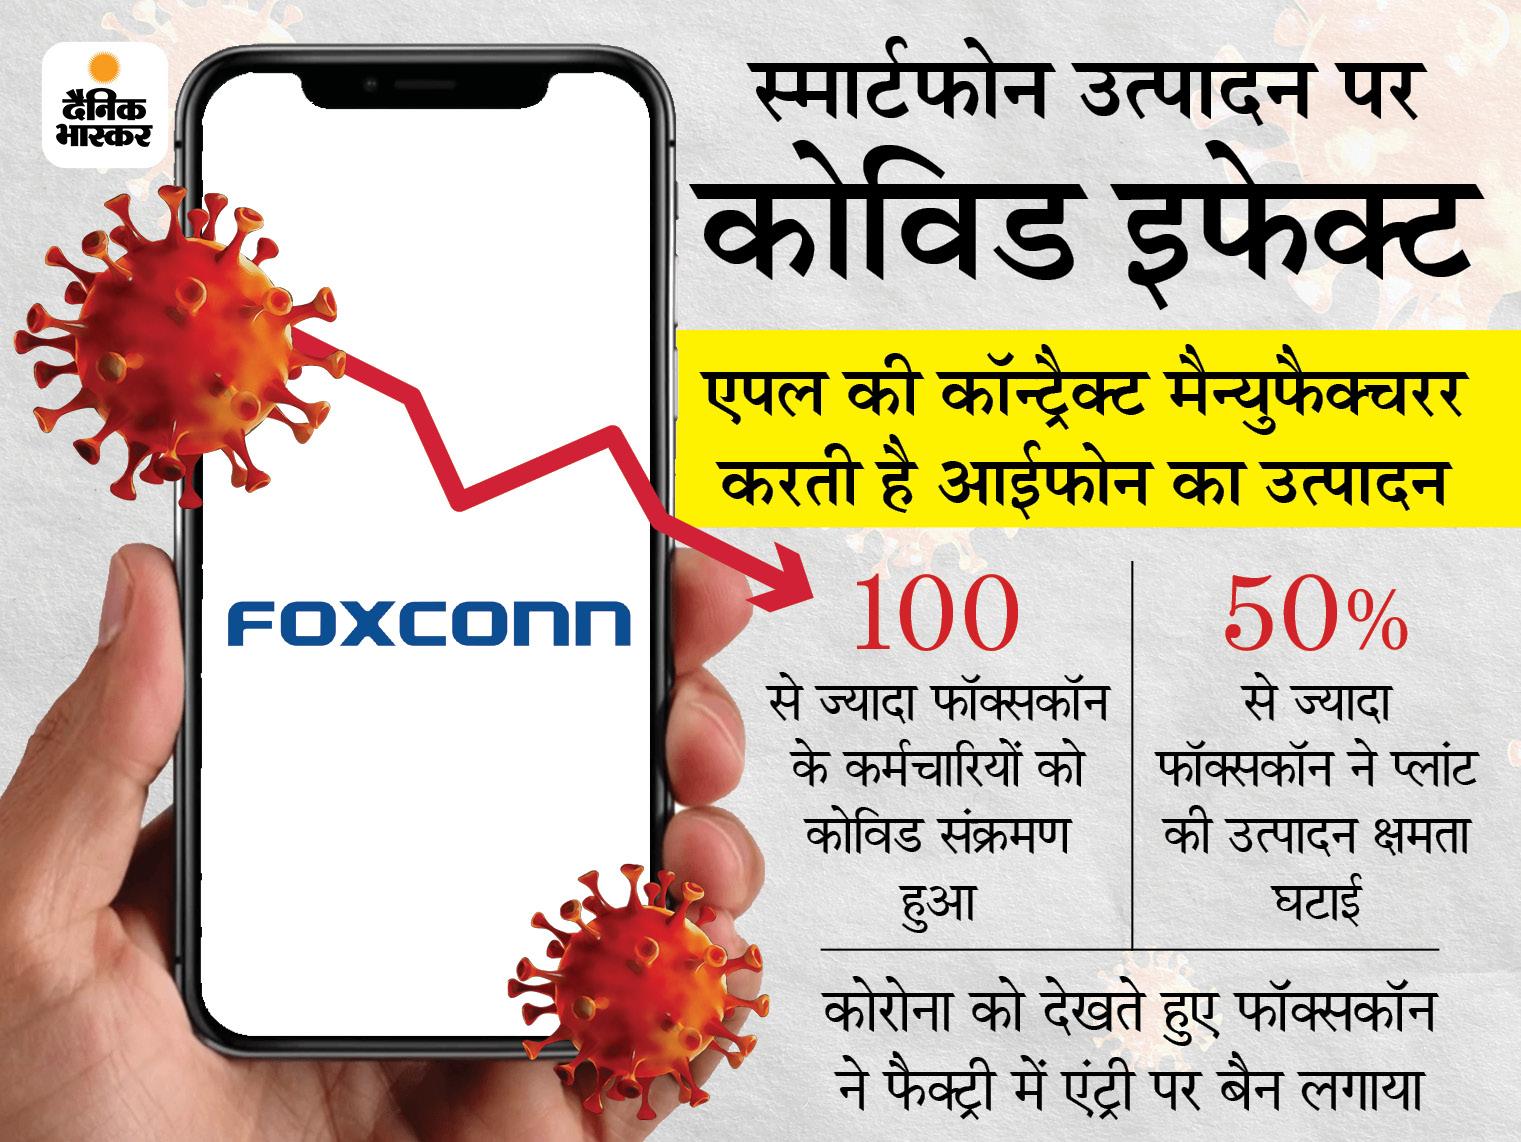 फॉक्सकॉन की फैक्ट्री में आईफोन का उत्पादन 50% से ज्यादा घटा, तमिलनाडु में होती है मैन्युफैक्चरिंग बिजनेस,Business - Dainik Bhaskar